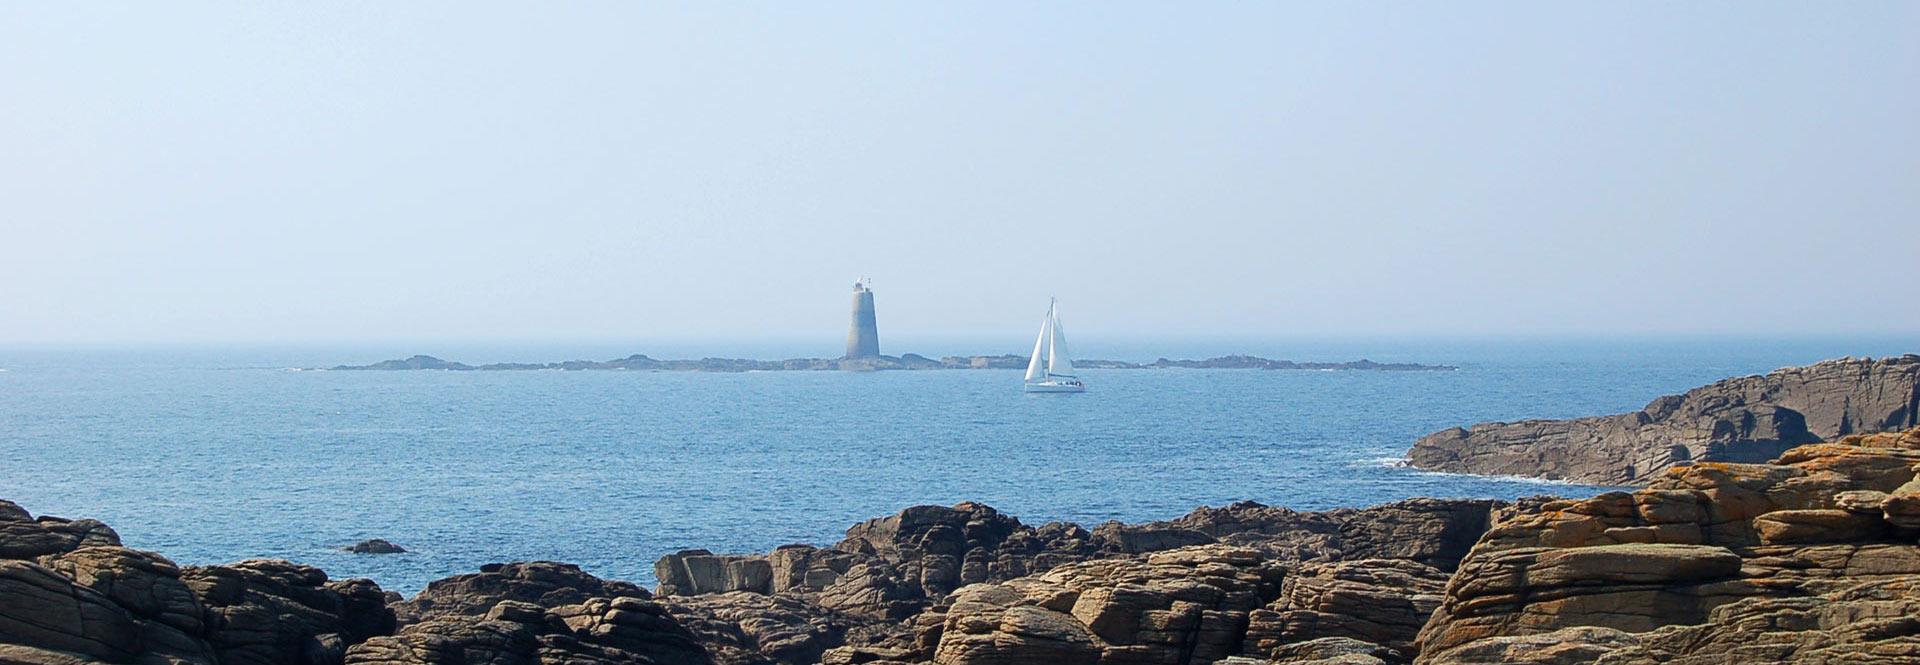 Vue sur a phare depuis la côte rocheuse vendéenne